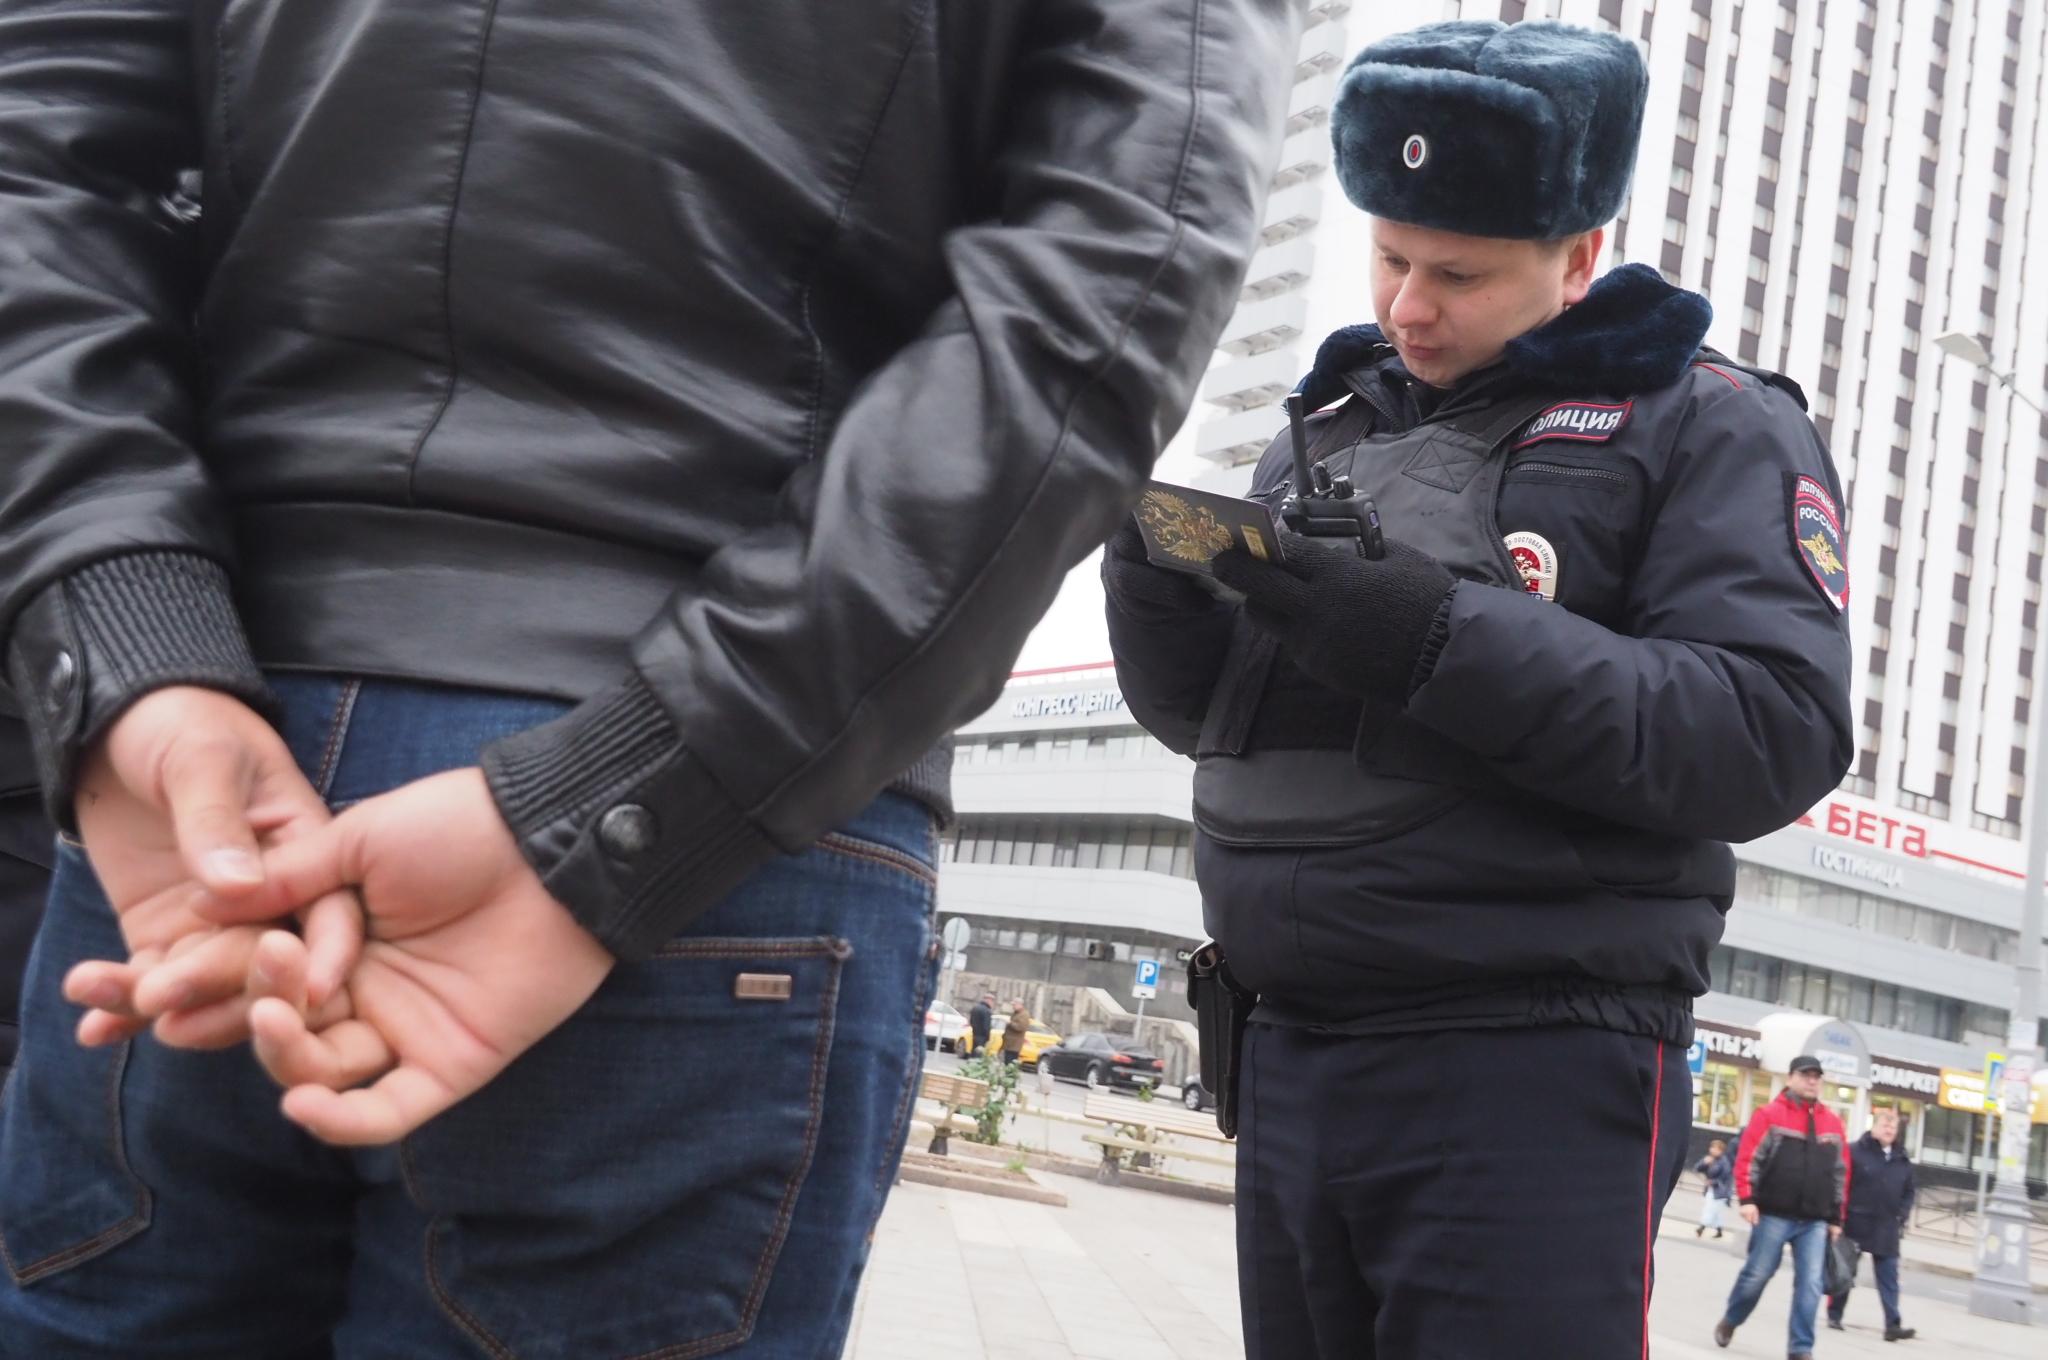 Оперативники ОП «Китай-город» задержали подозреваемых в краже